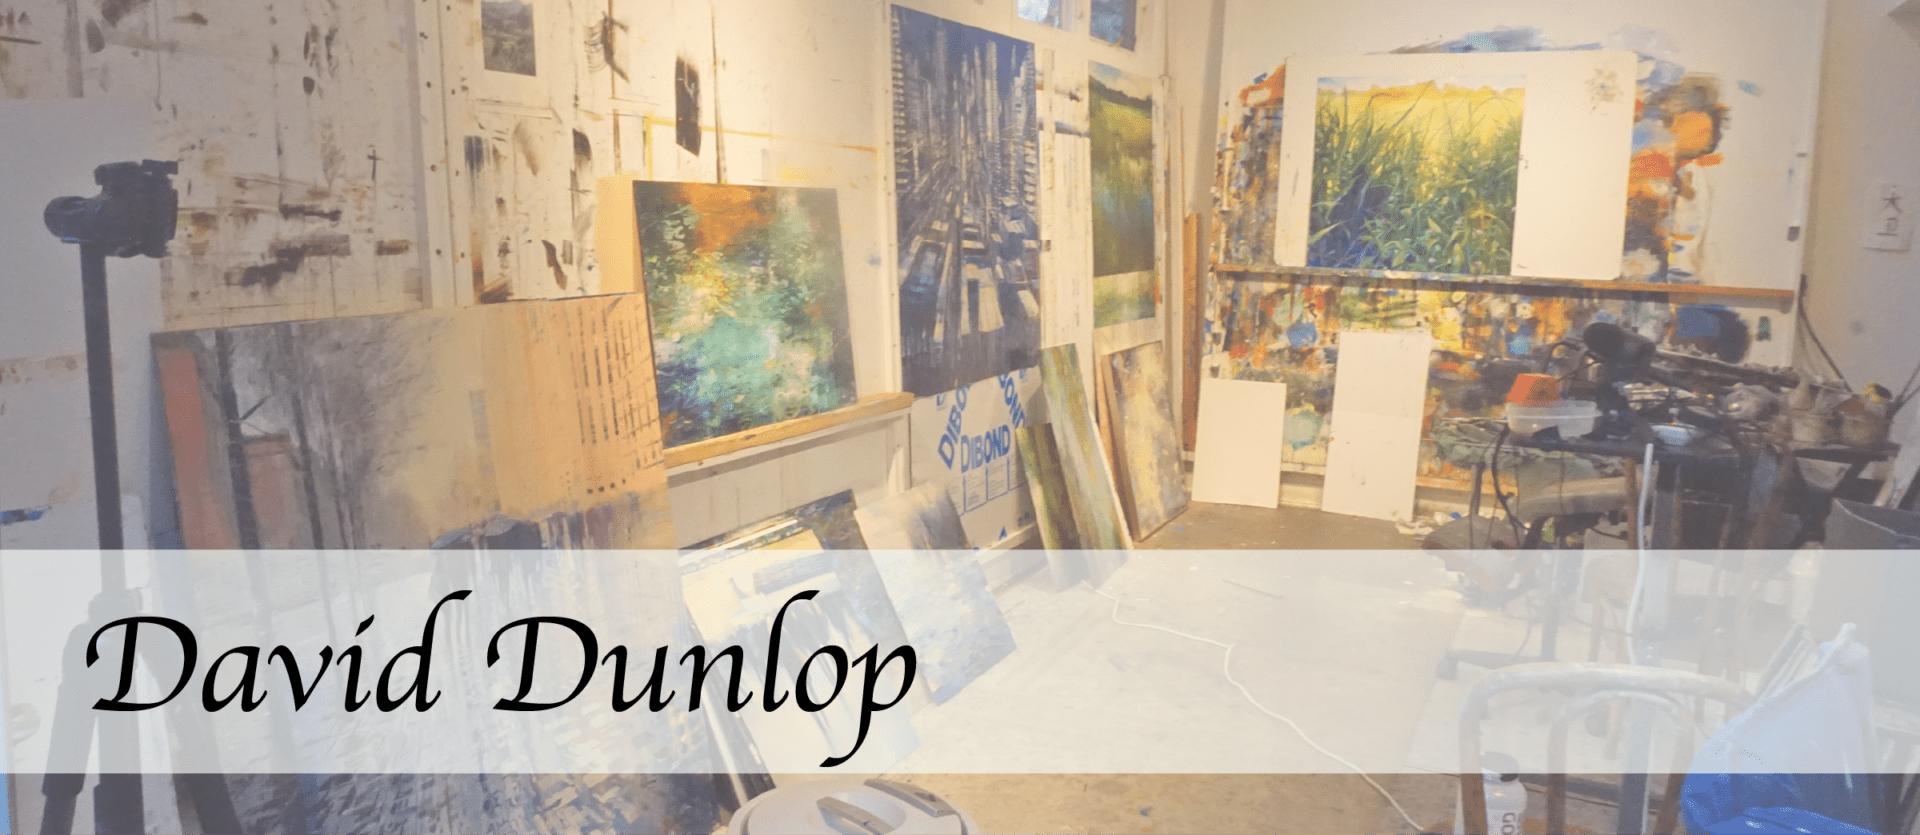 Dunlop_Banner